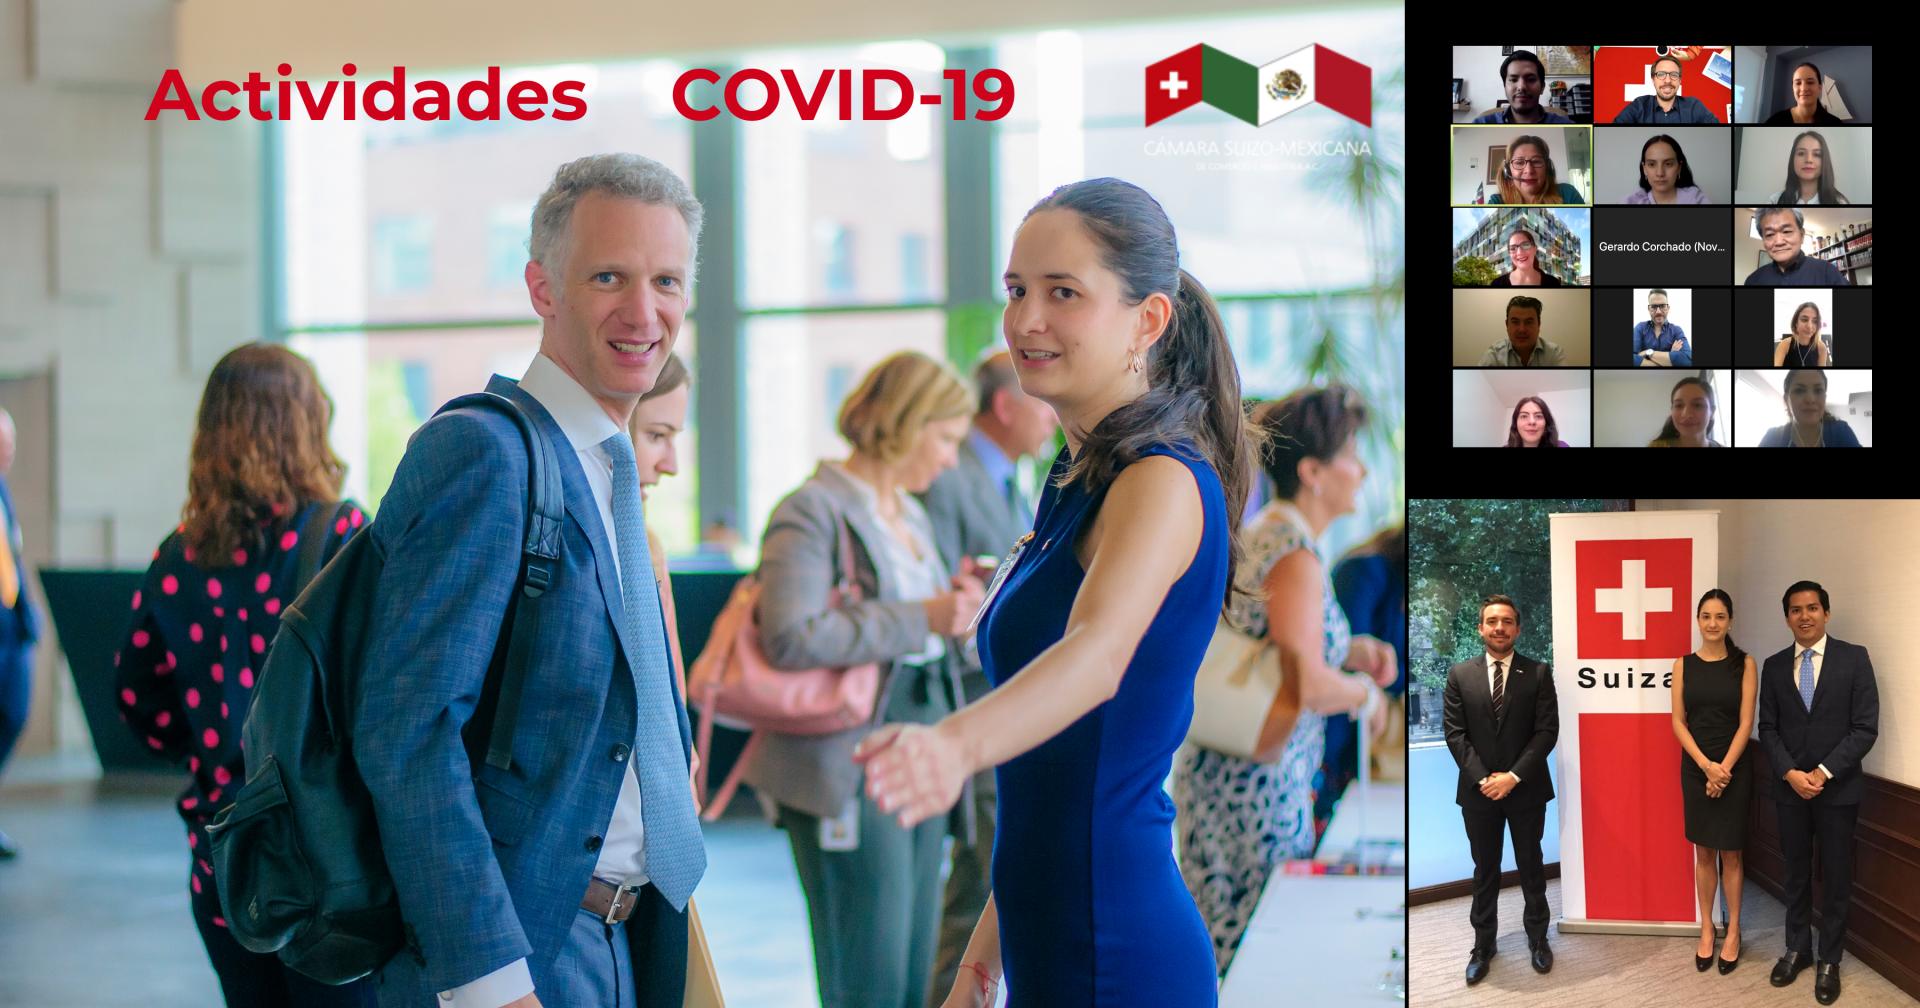 Actividades de la Cámara Suiza durante la pandemia de COVID-19